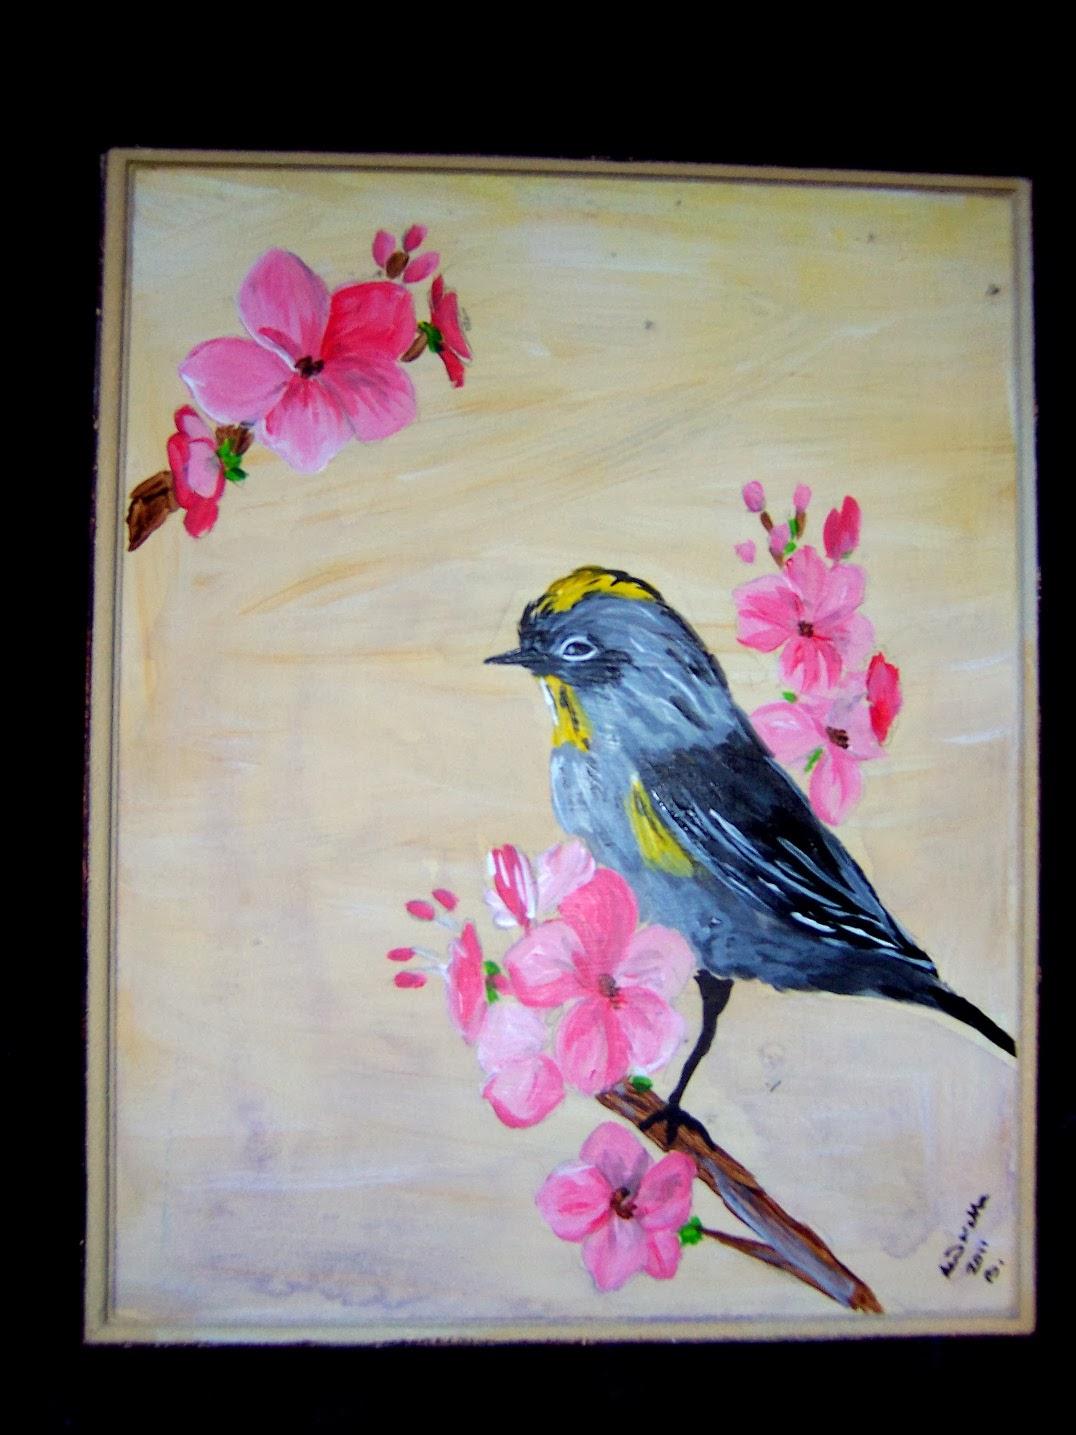 Raccontare un paese disegni di uccelli - Semplici disegni di uccelli ...